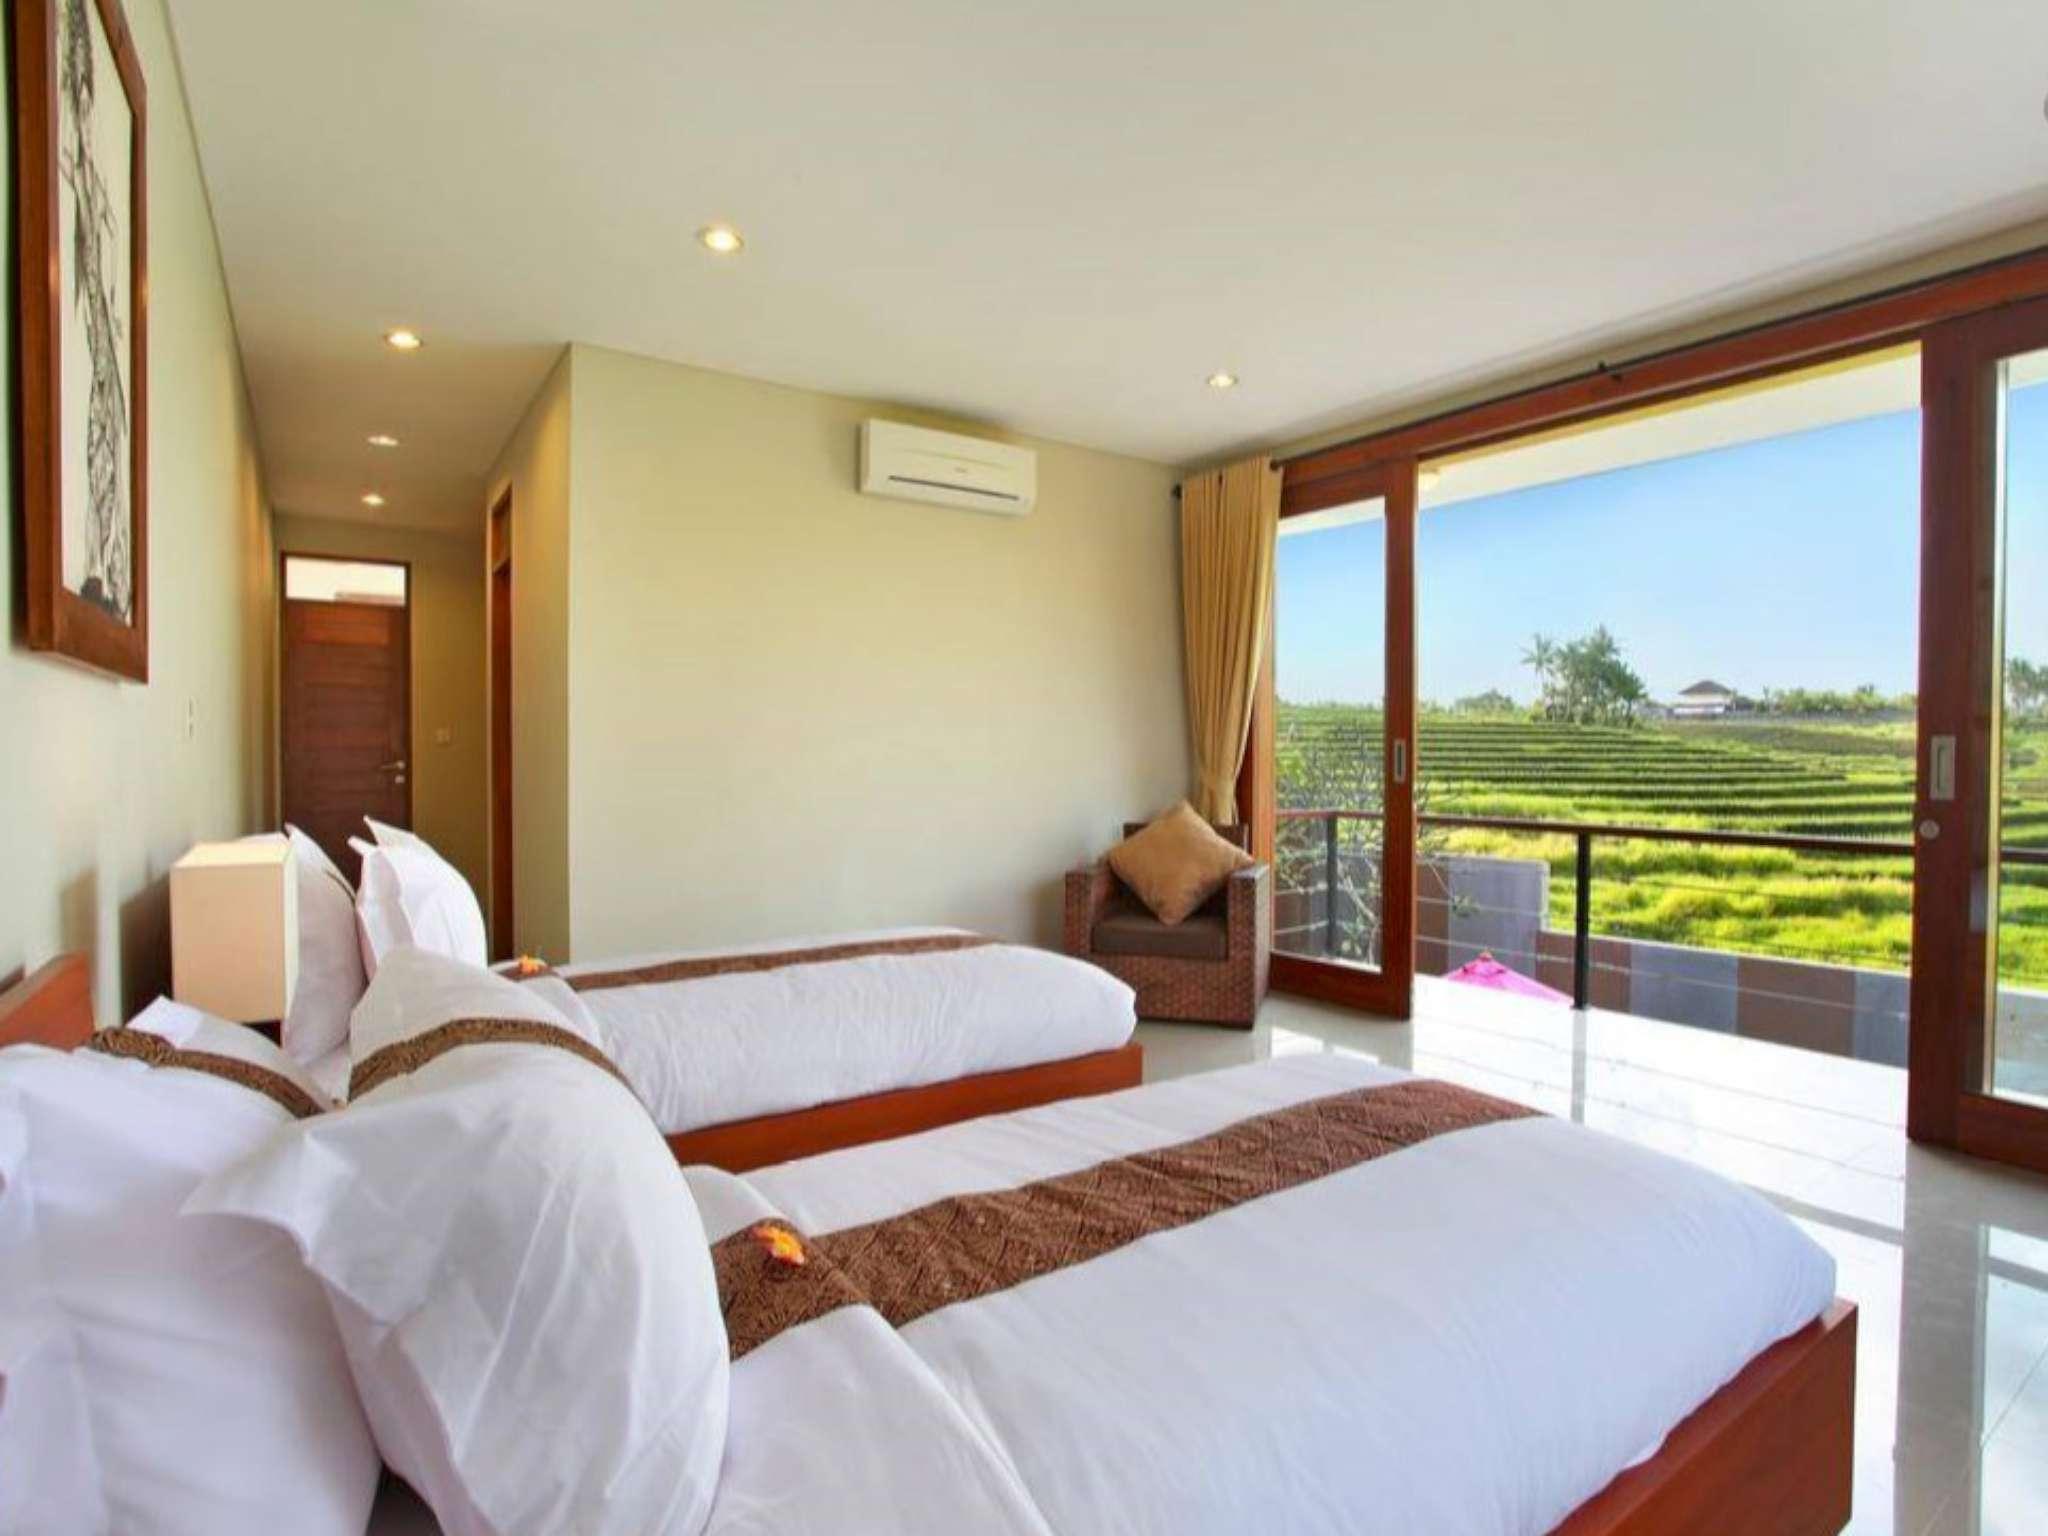 3 BDR Luxury Villas At Nyanyi Near Canggu